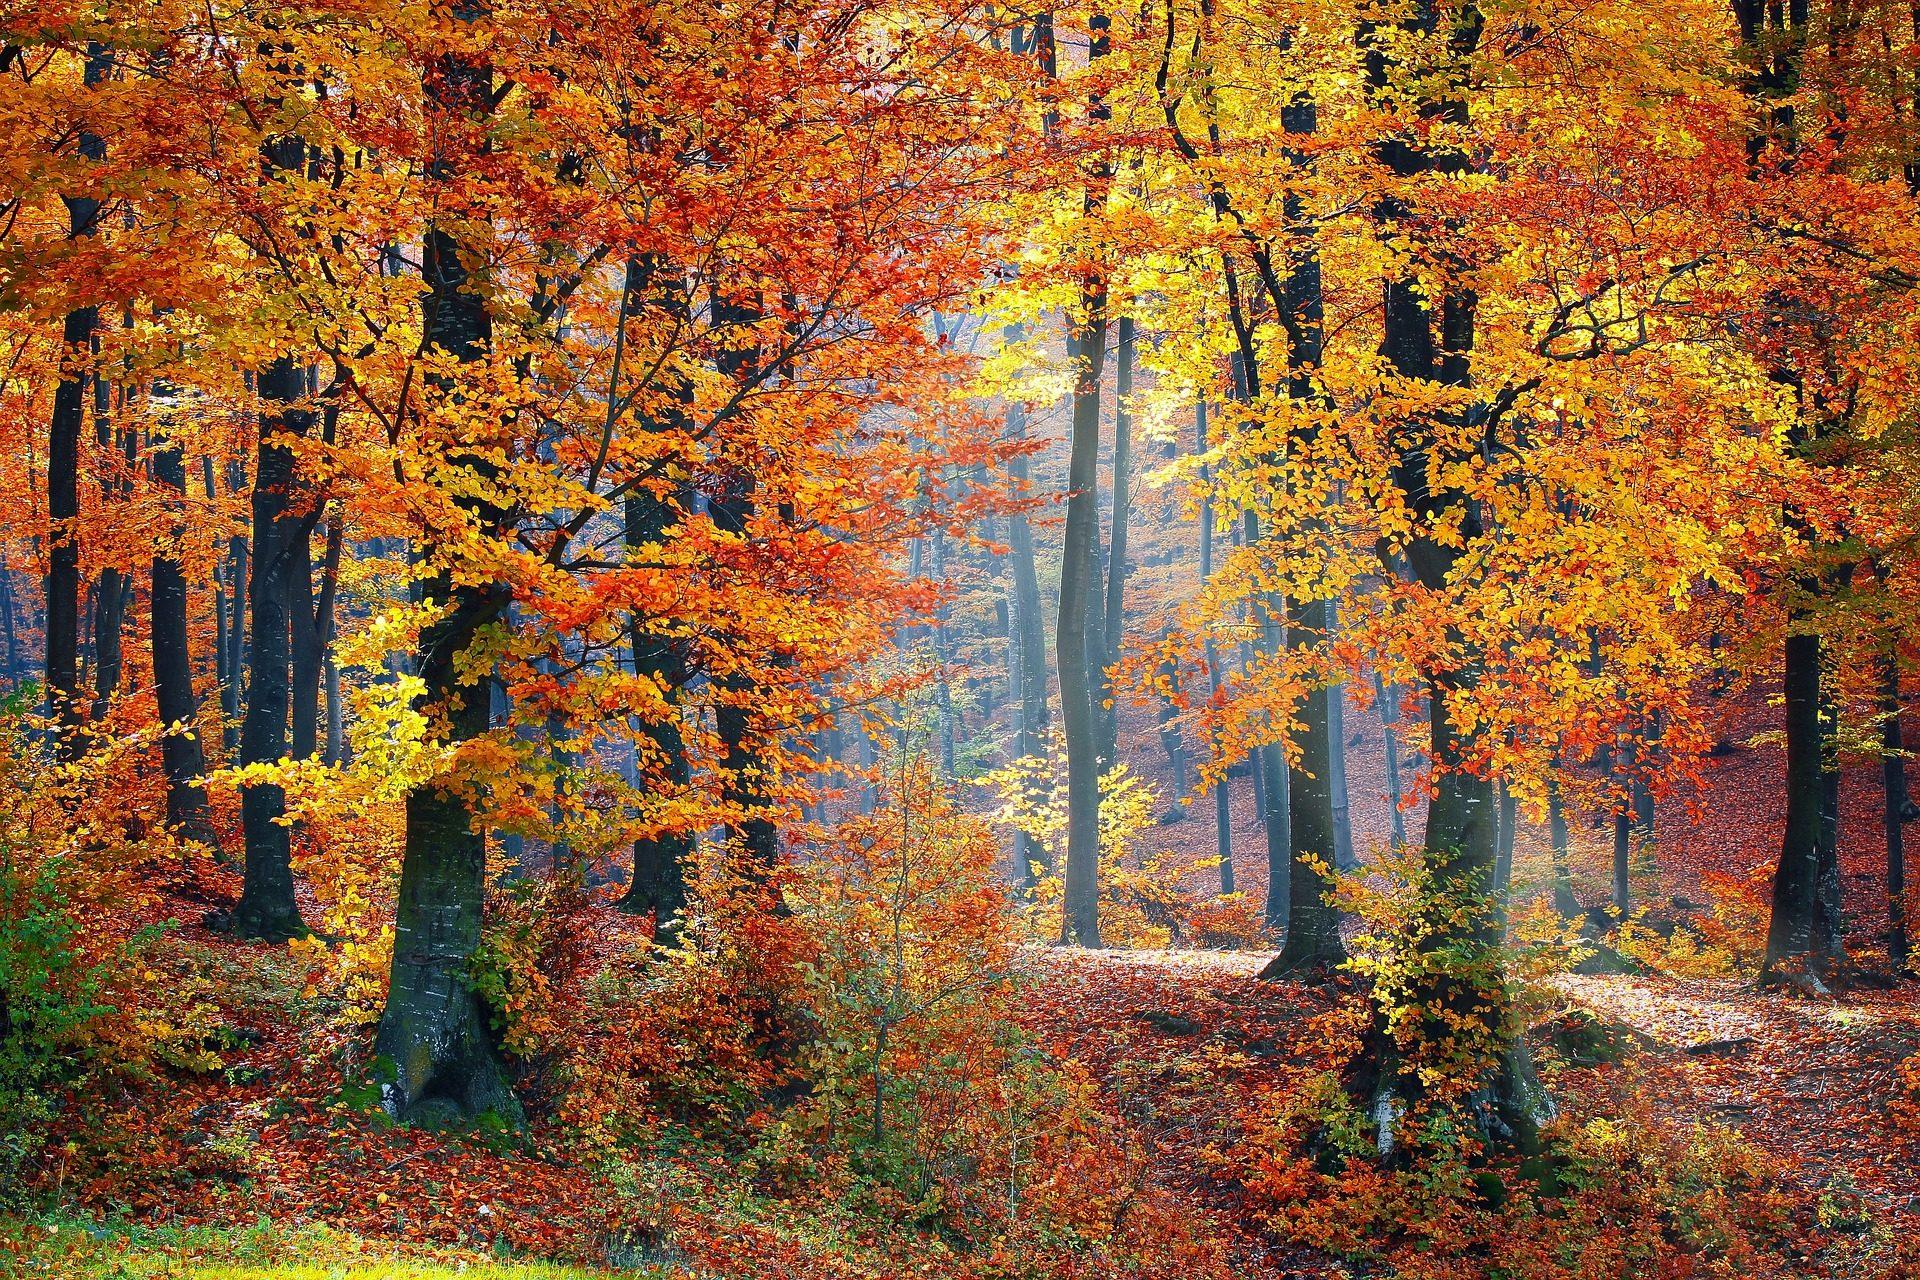 floresta, árvores, Outono, folhas, seca - Papéis de parede HD - Professor-falken.com